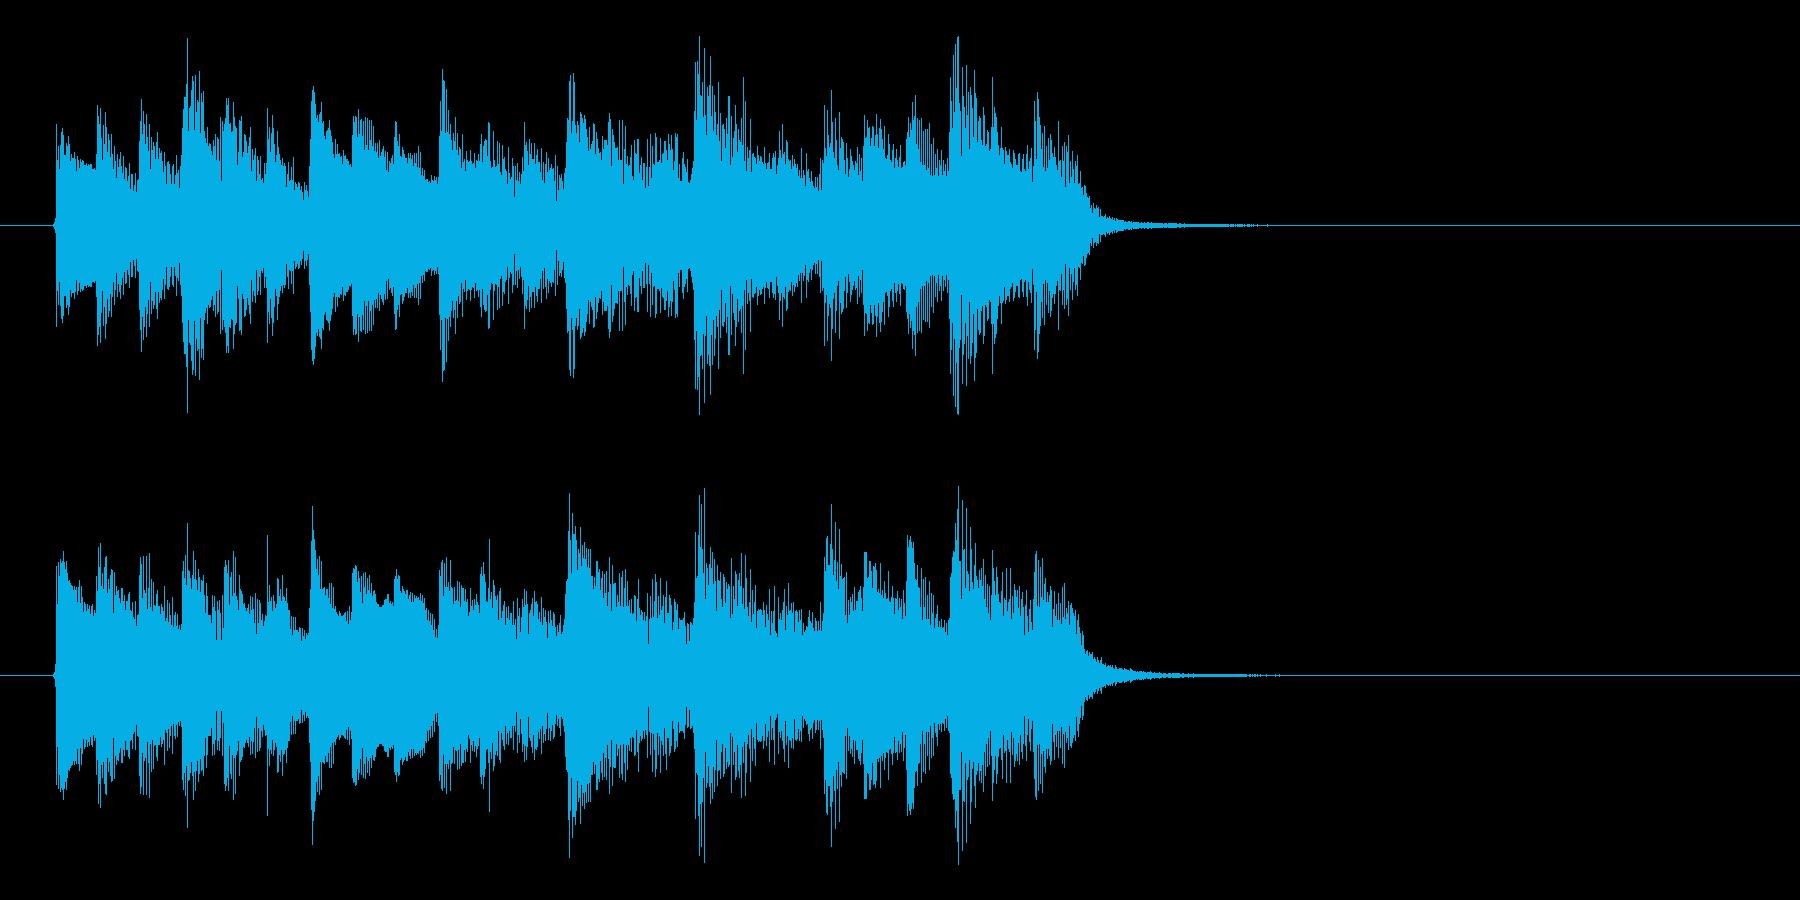 神秘的な森の中のようなBGM_ループ用1の再生済みの波形